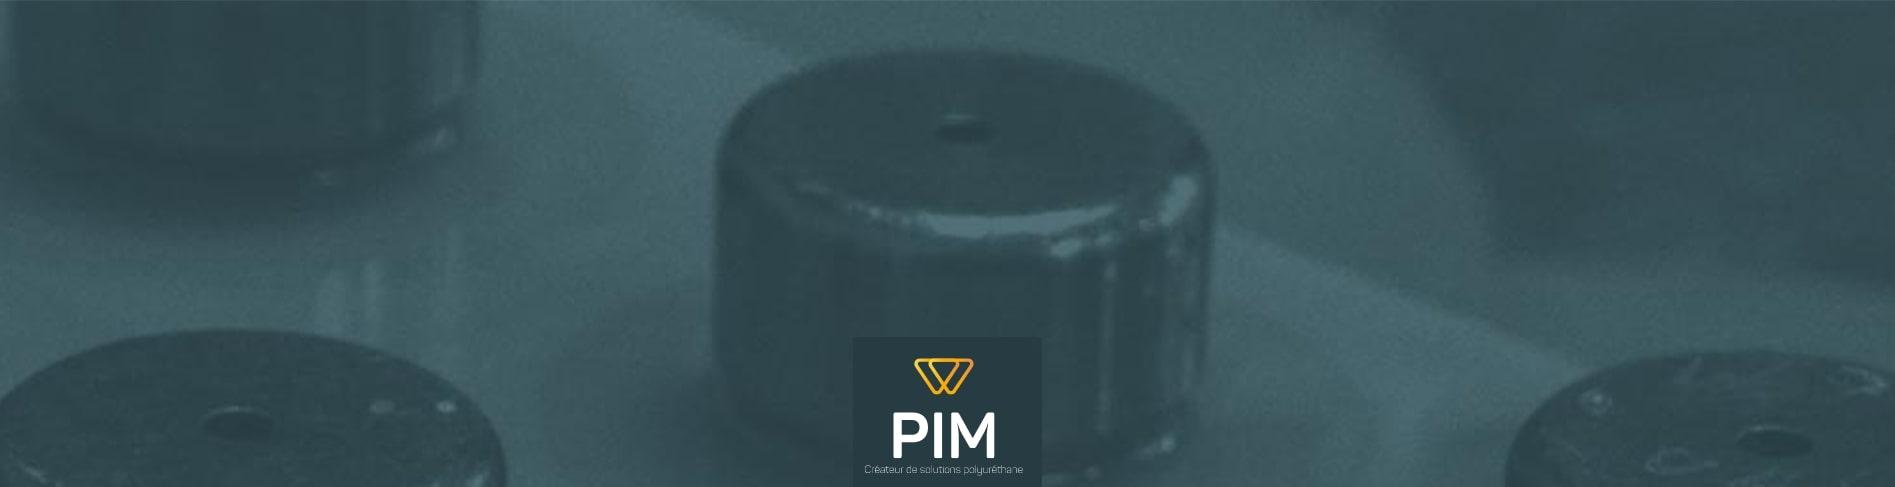 PIM industrie